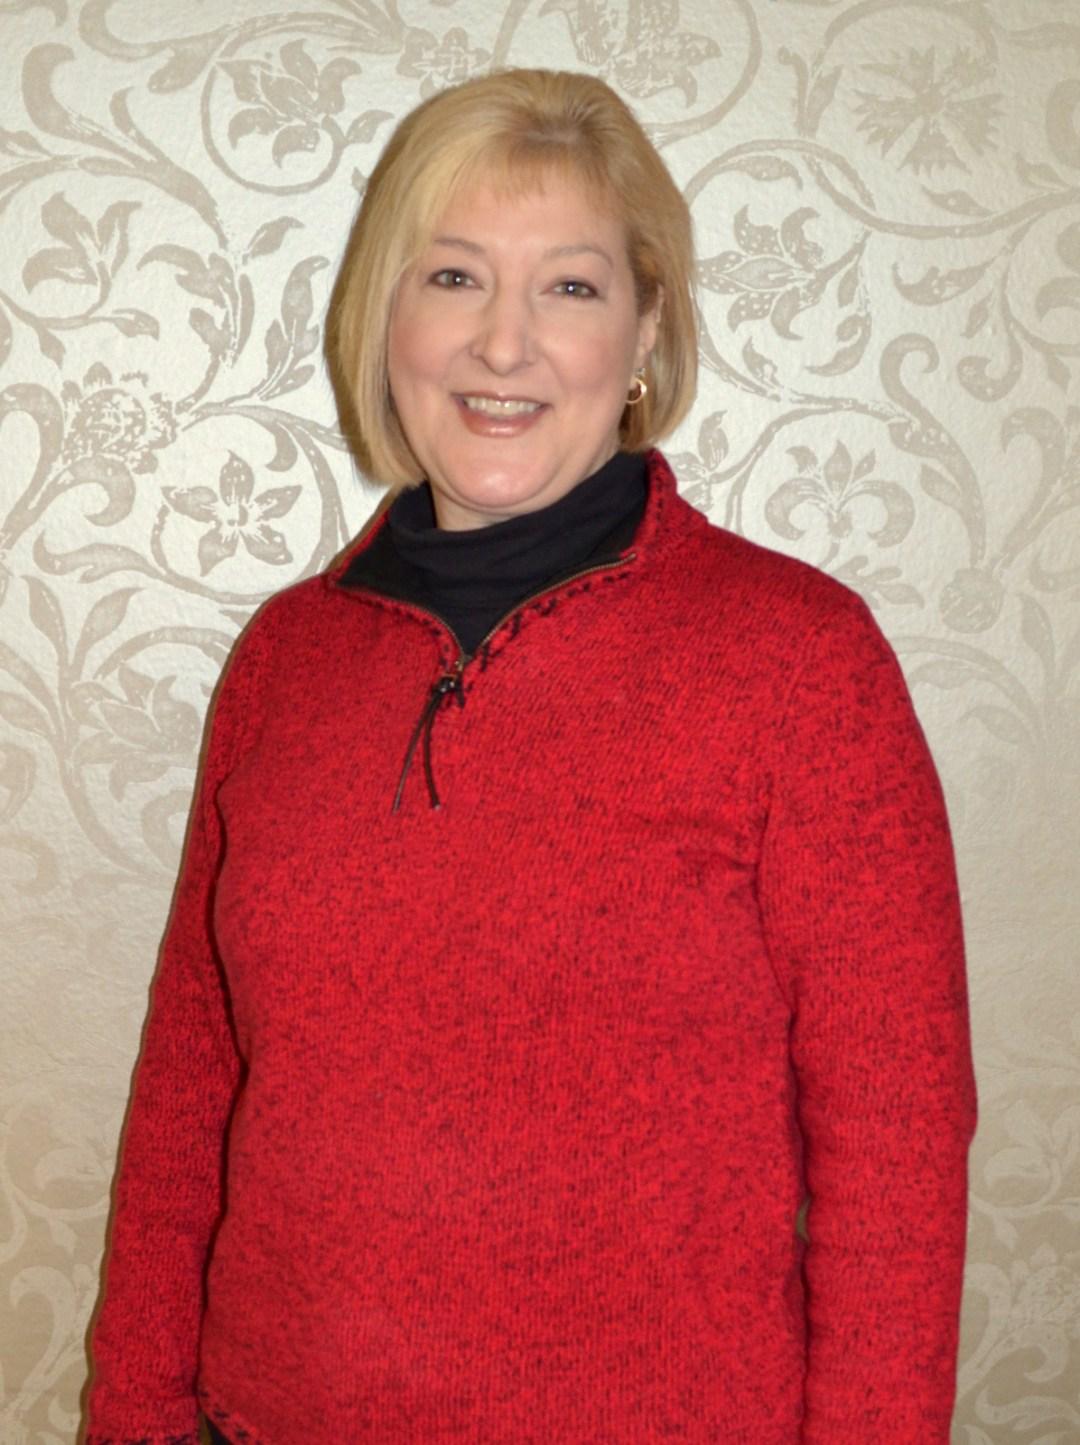 Victoria Alcorn